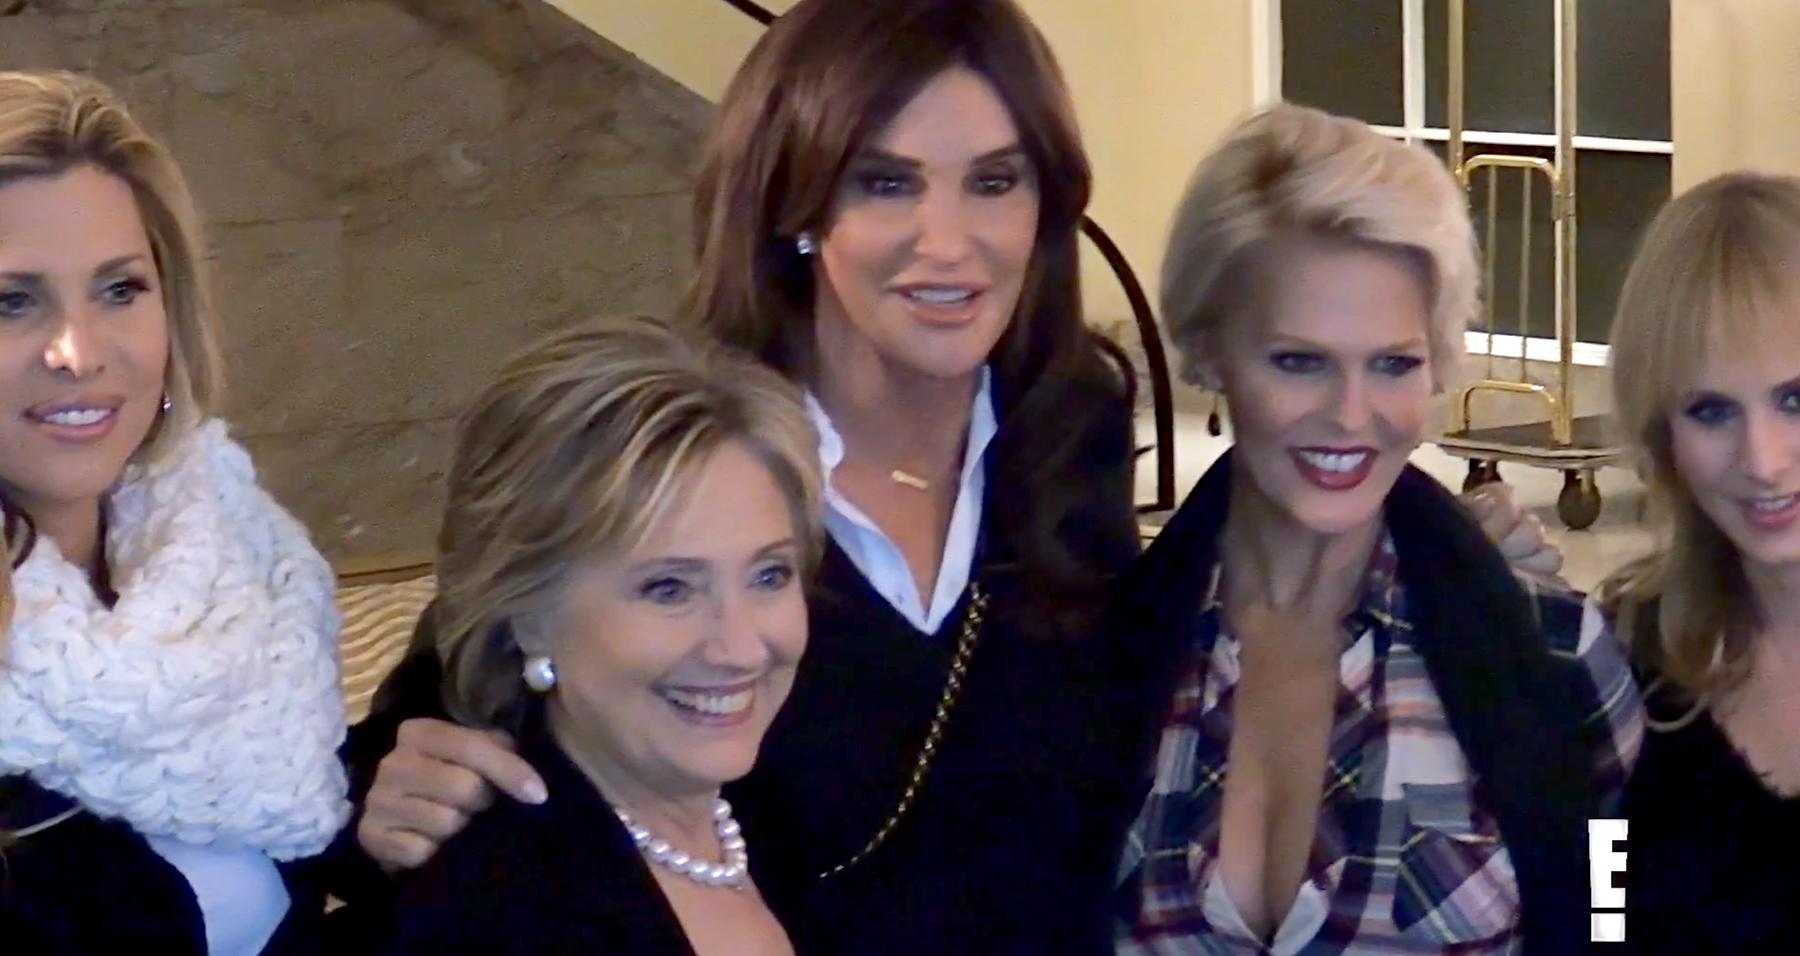 Hillary Clinton and Caitlyn Jenner